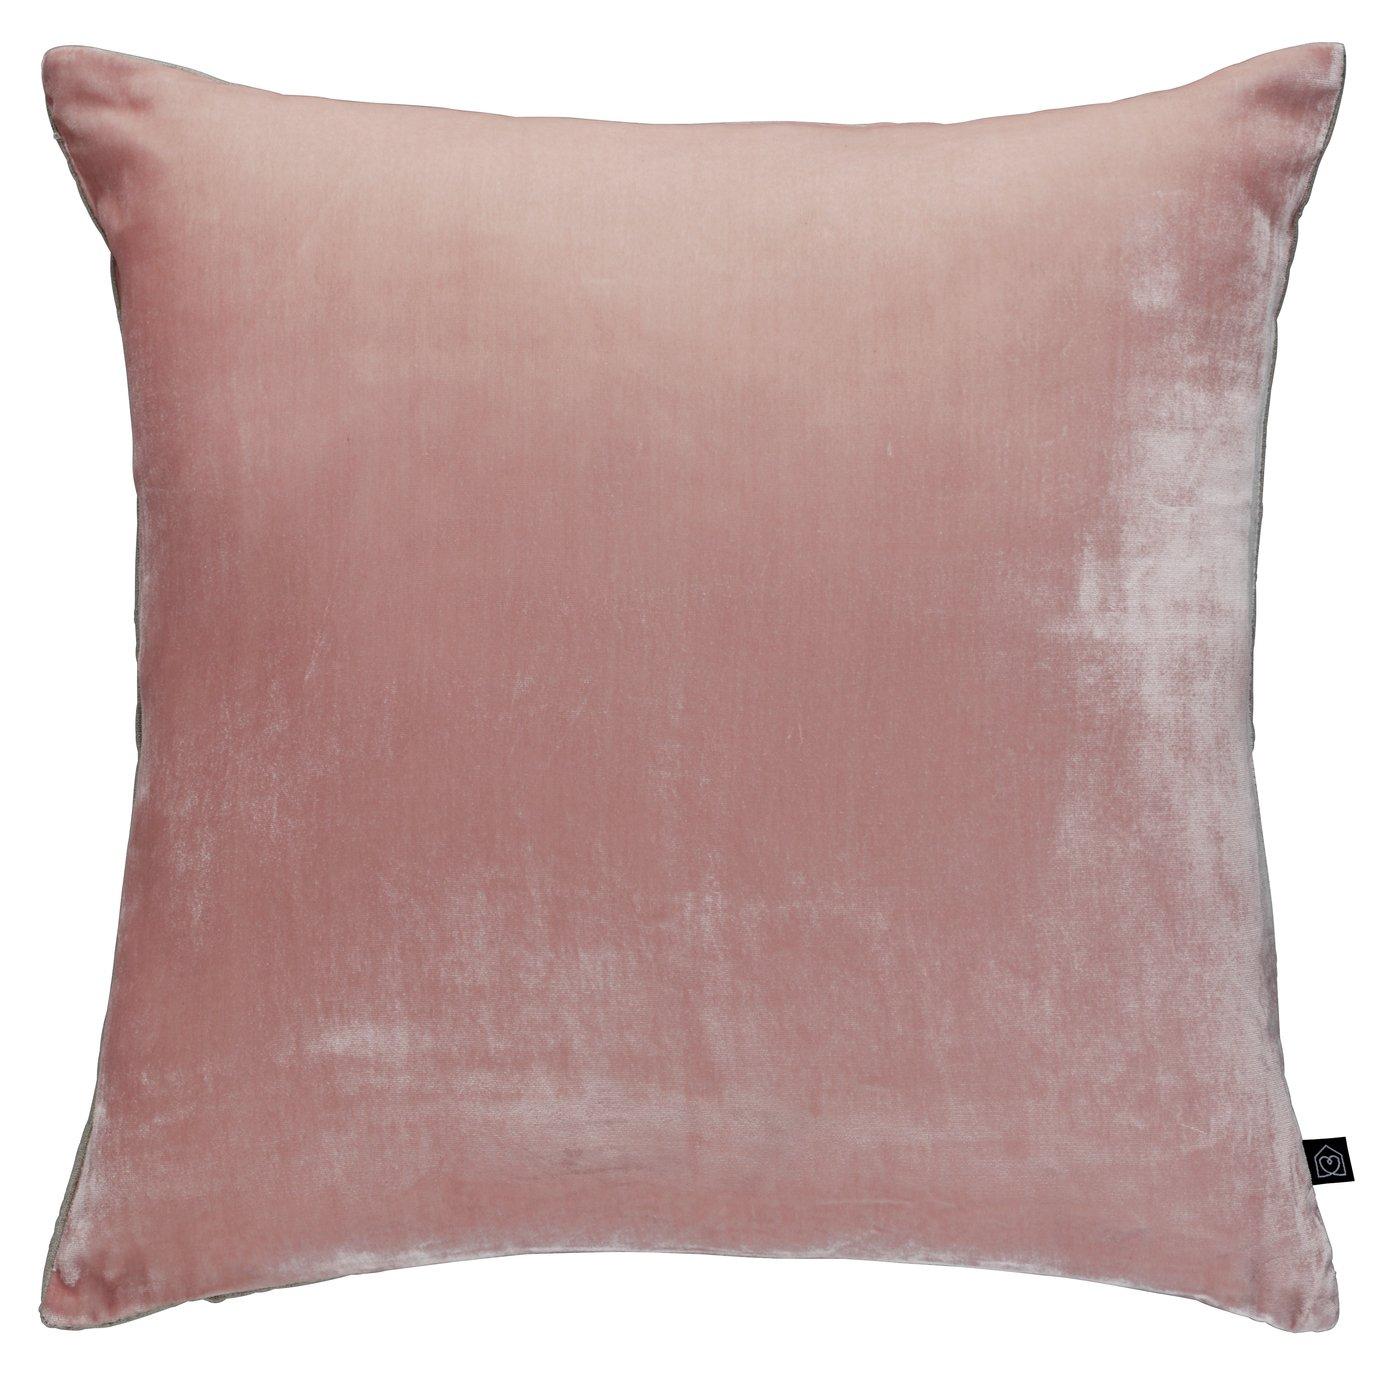 Argos Home Regency Velvet Cushion - Dusty Pink